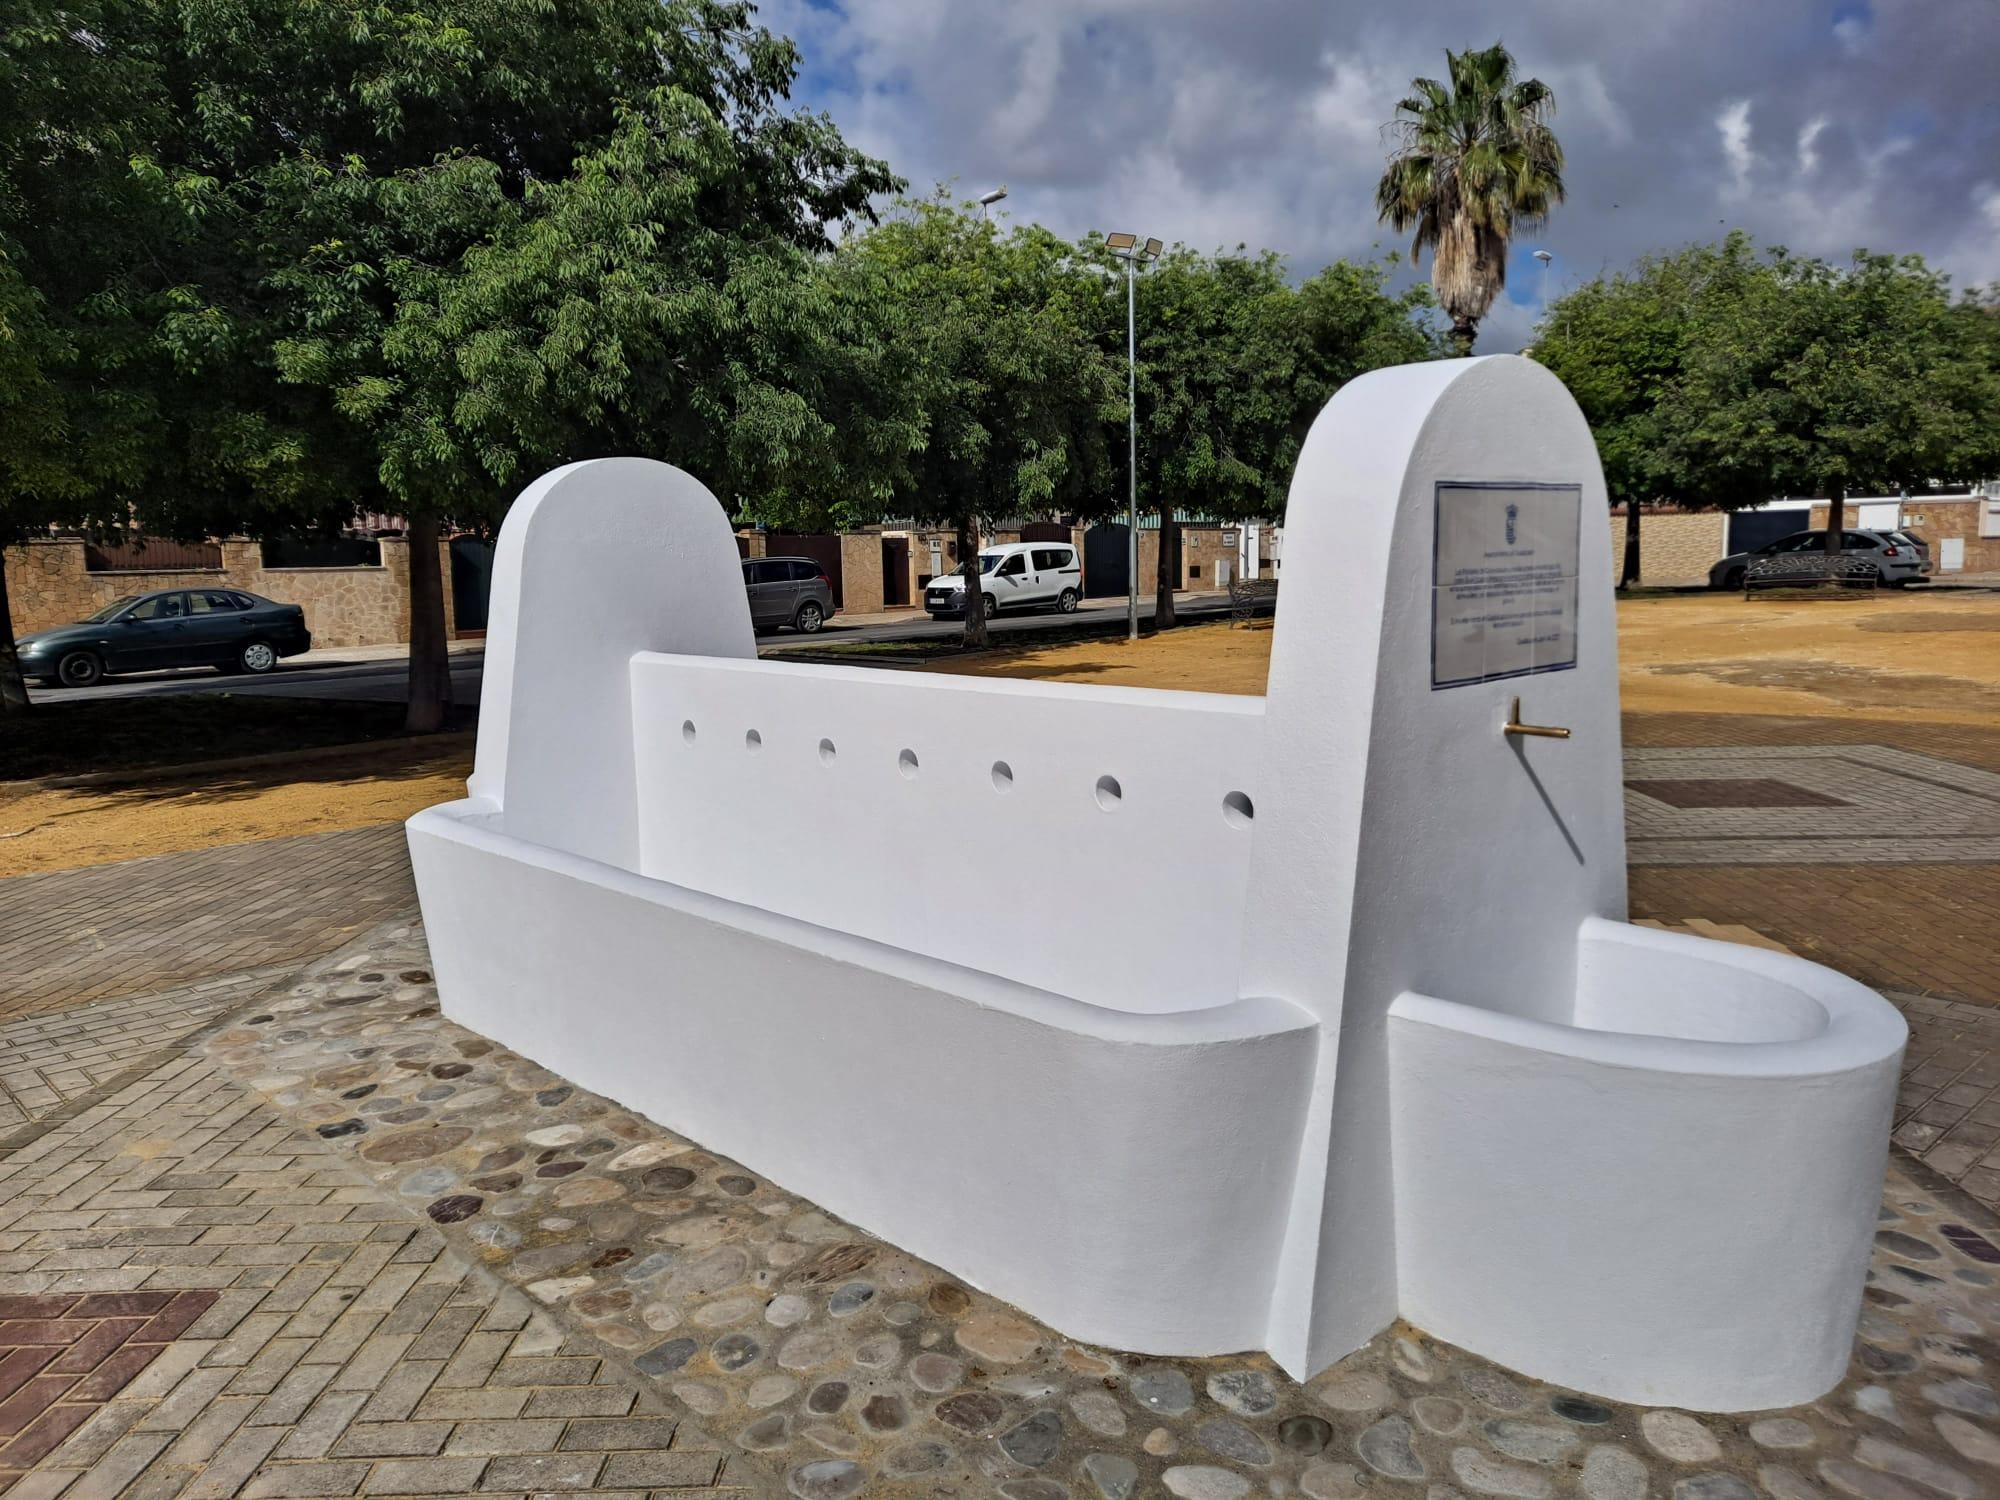 Guadalcacín instala una fuente-abrevadero ornamental para rendir homenaje a sus orígenes como pueblo de colonización